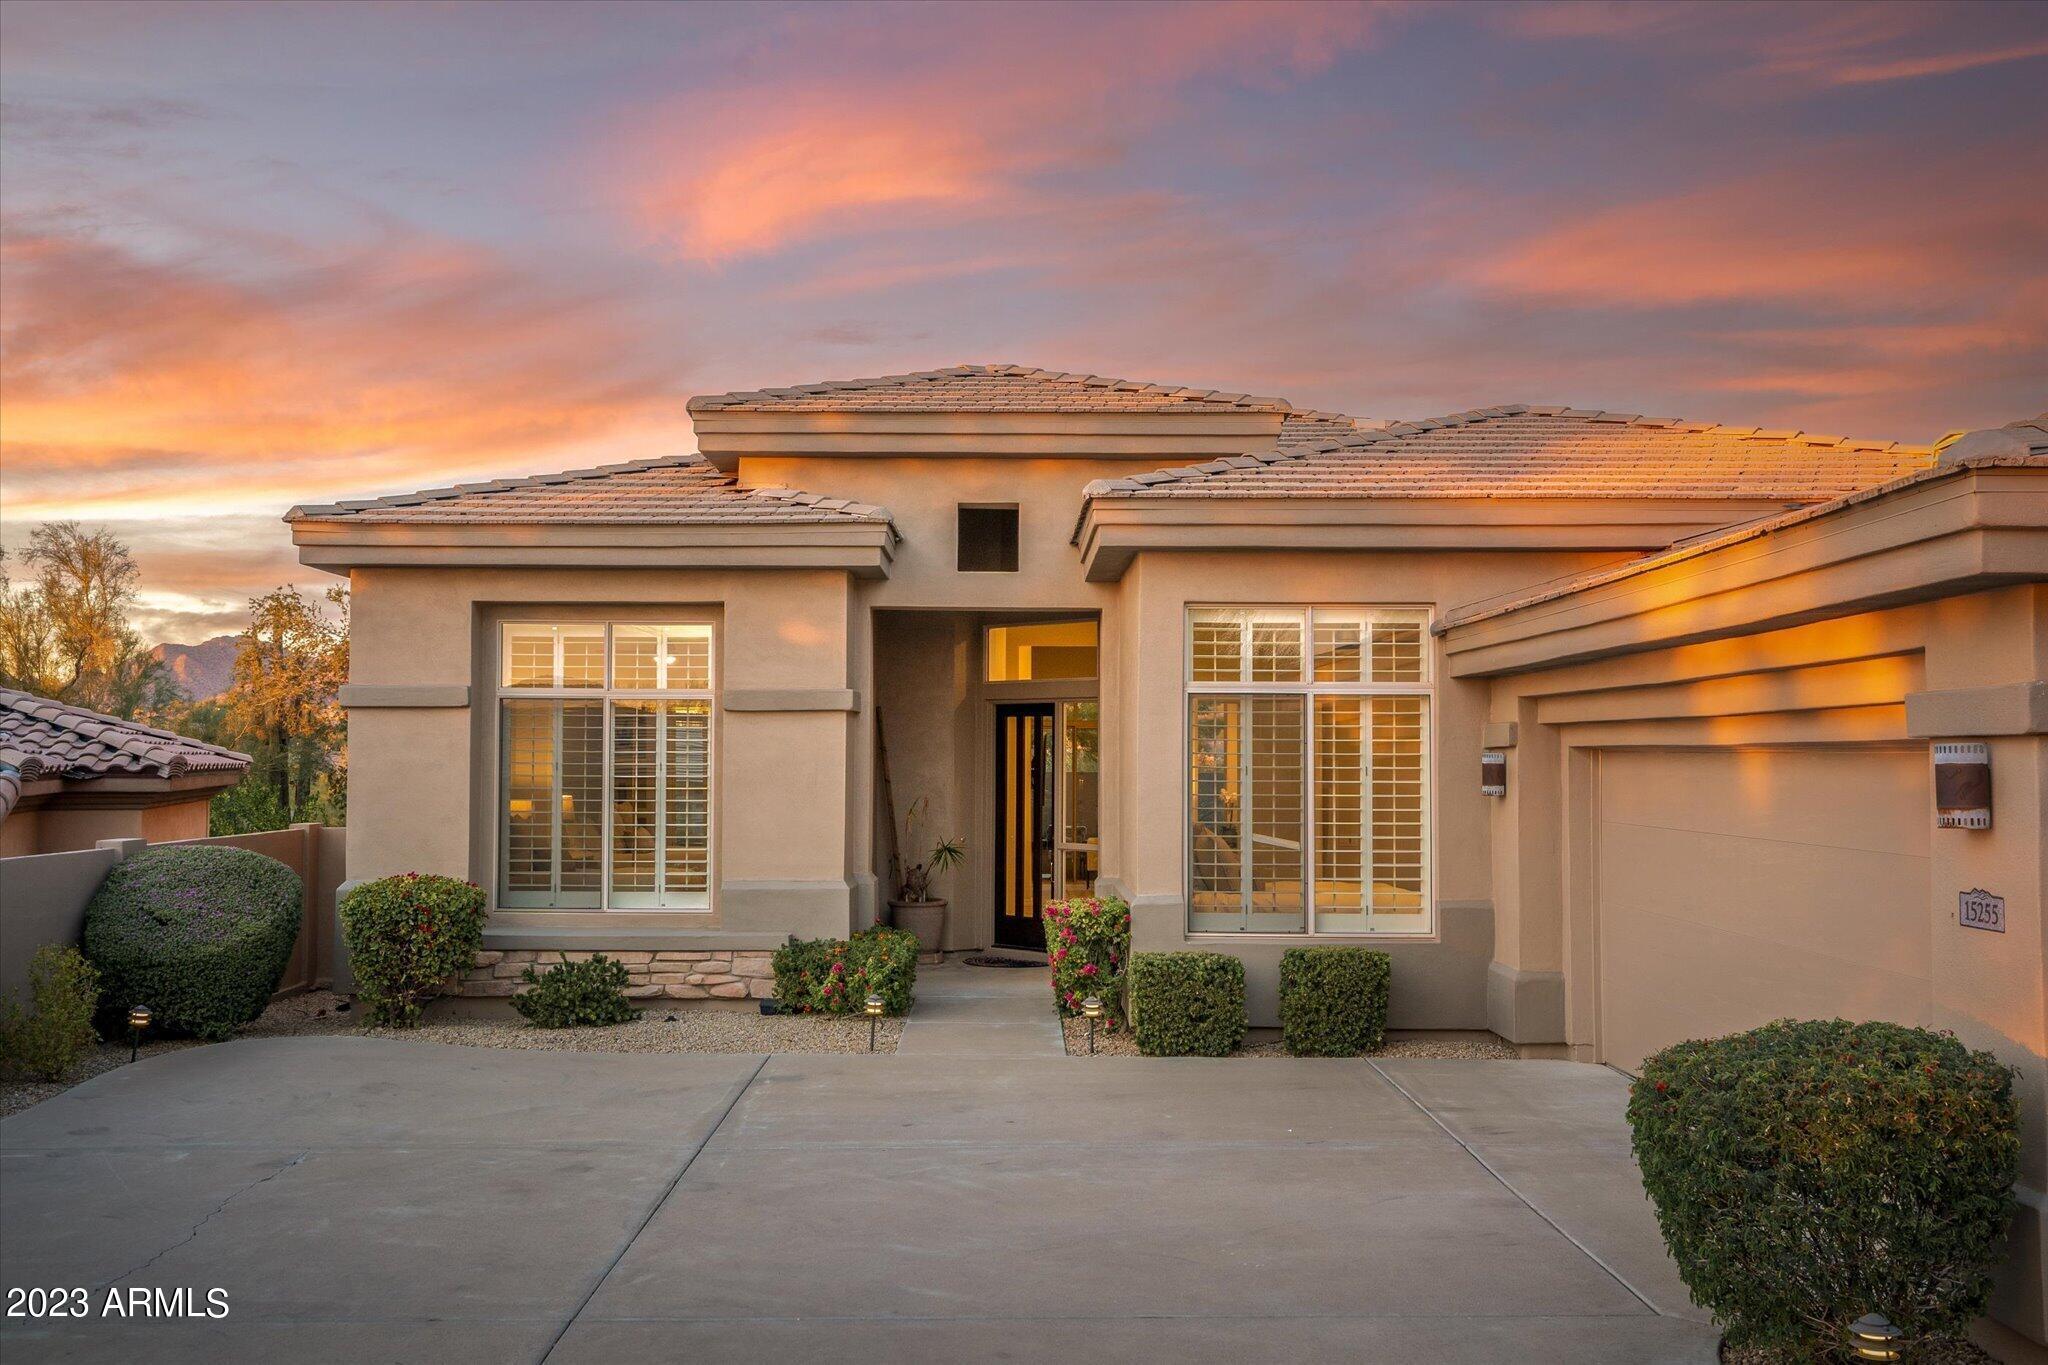 15255 N 105th Way, Scottsdale AZ 85255